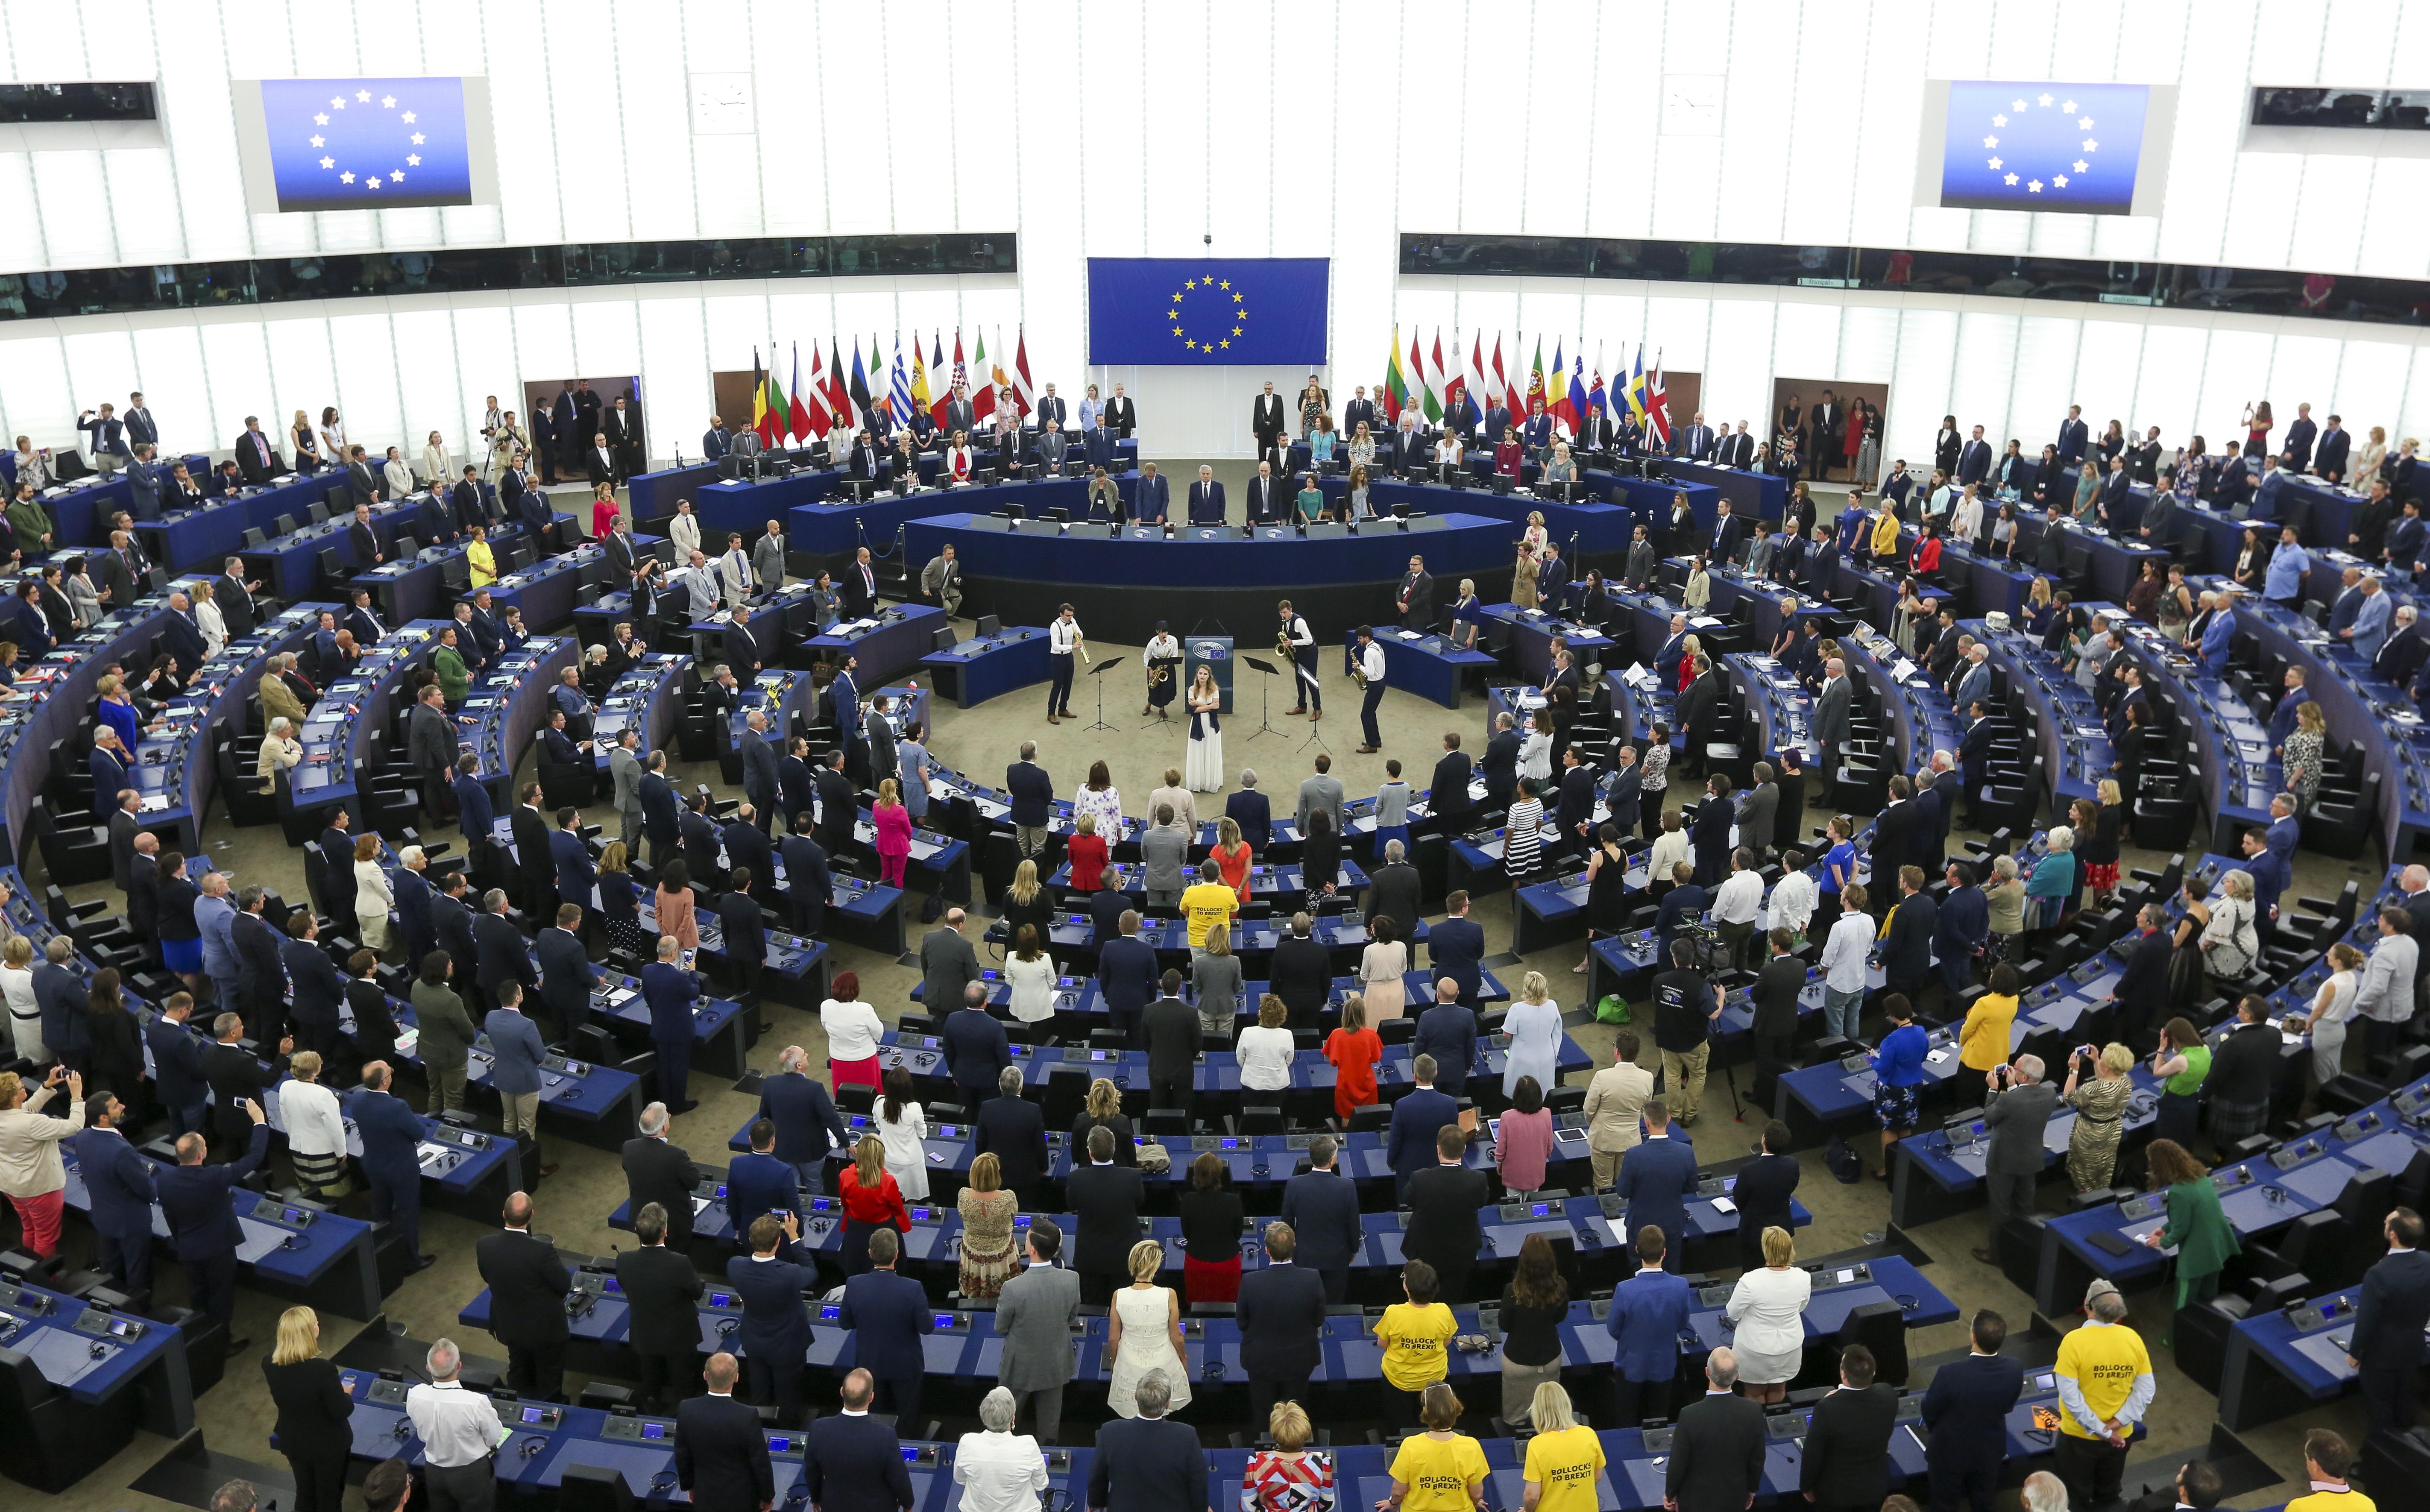 """Ευρωπαϊκό Κοινοβούλιο κατά Τουρκίας για την εισβολή στη Συρία! """"Καμία δύναμη δεν μας σταματά"""", απαντά το τουρκικό ΥΠΕΞ"""